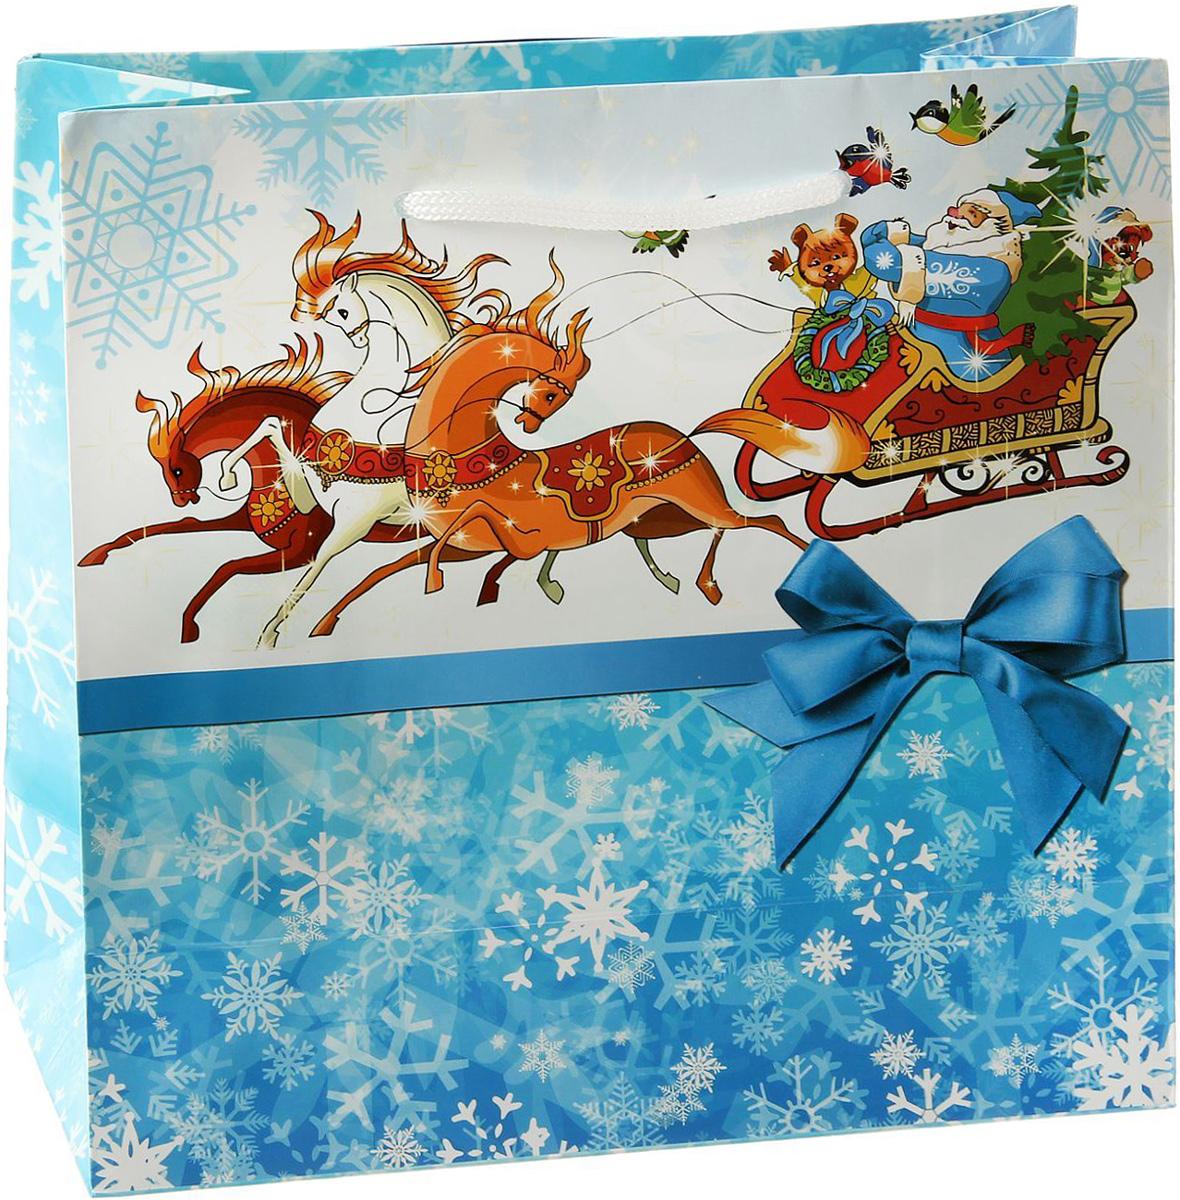 Пакет подарочный Sima-land Одеяло снежинок, 23 х 22,5 х 10 см1179508Подарочный пакет Sima-land, изготовленный из плотной бумаги, станет незаменимым дополнением к выбранному подарку. Дно изделия укреплено плотным картоном, который позволяет сохранить форму и исключает возможность деформации дна под тяжестью подарка. Для удобной переноски имеются две ручки из шнурков. Подарок, преподнесенный в оригинальной упаковке, всегда будет самым эффектным и запоминающимся. Окружите близких людей вниманием и заботой, вручив презент в нарядном, праздничном оформлении.